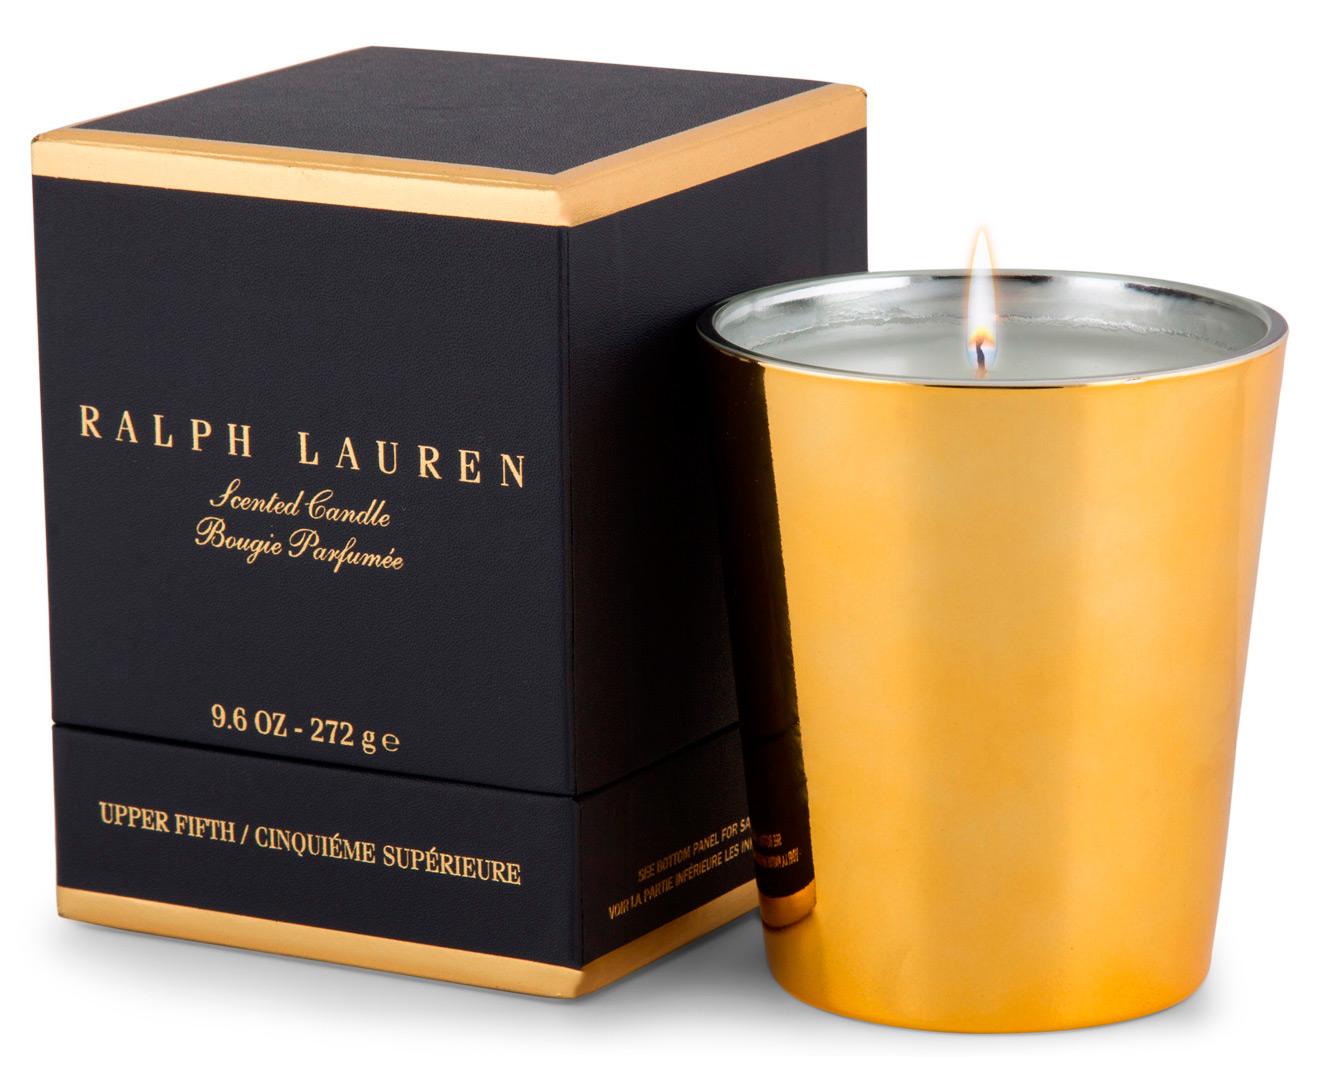 c4638914ee Ralph Lauren Upper Fifth Scented Candle 272g - Green Citrus, Orchid,  Jasmine & Musky Amber